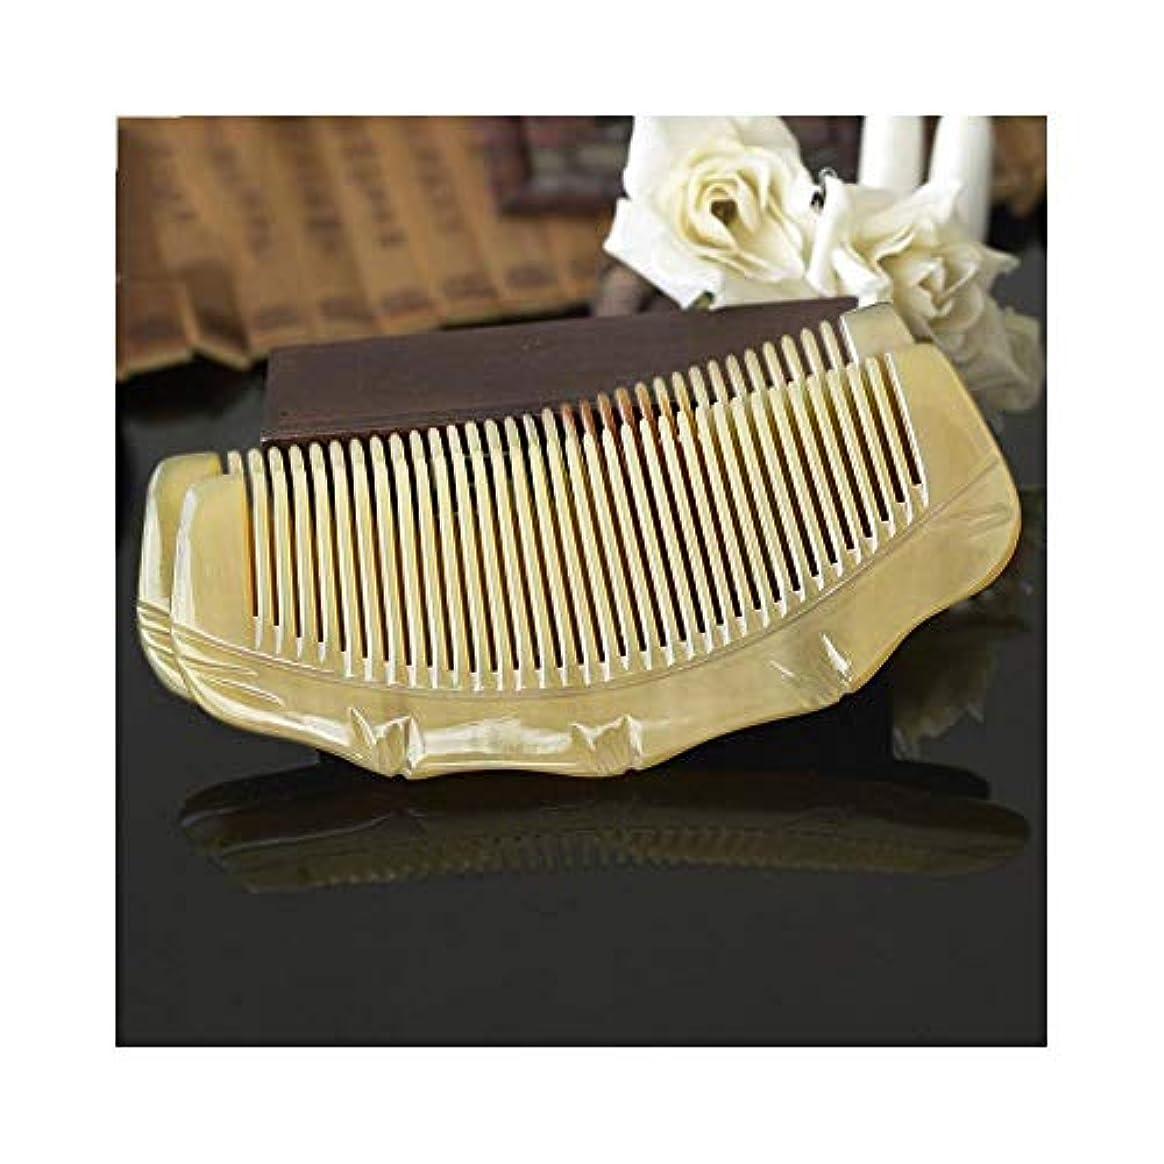 鉱夫を通してのどWASAIO ナチュラルAnself木製のくしヘアーブラシセットパドルDetangleコムズメンズ?レディース?バッファローホーンマッサージ手作りムーン形状